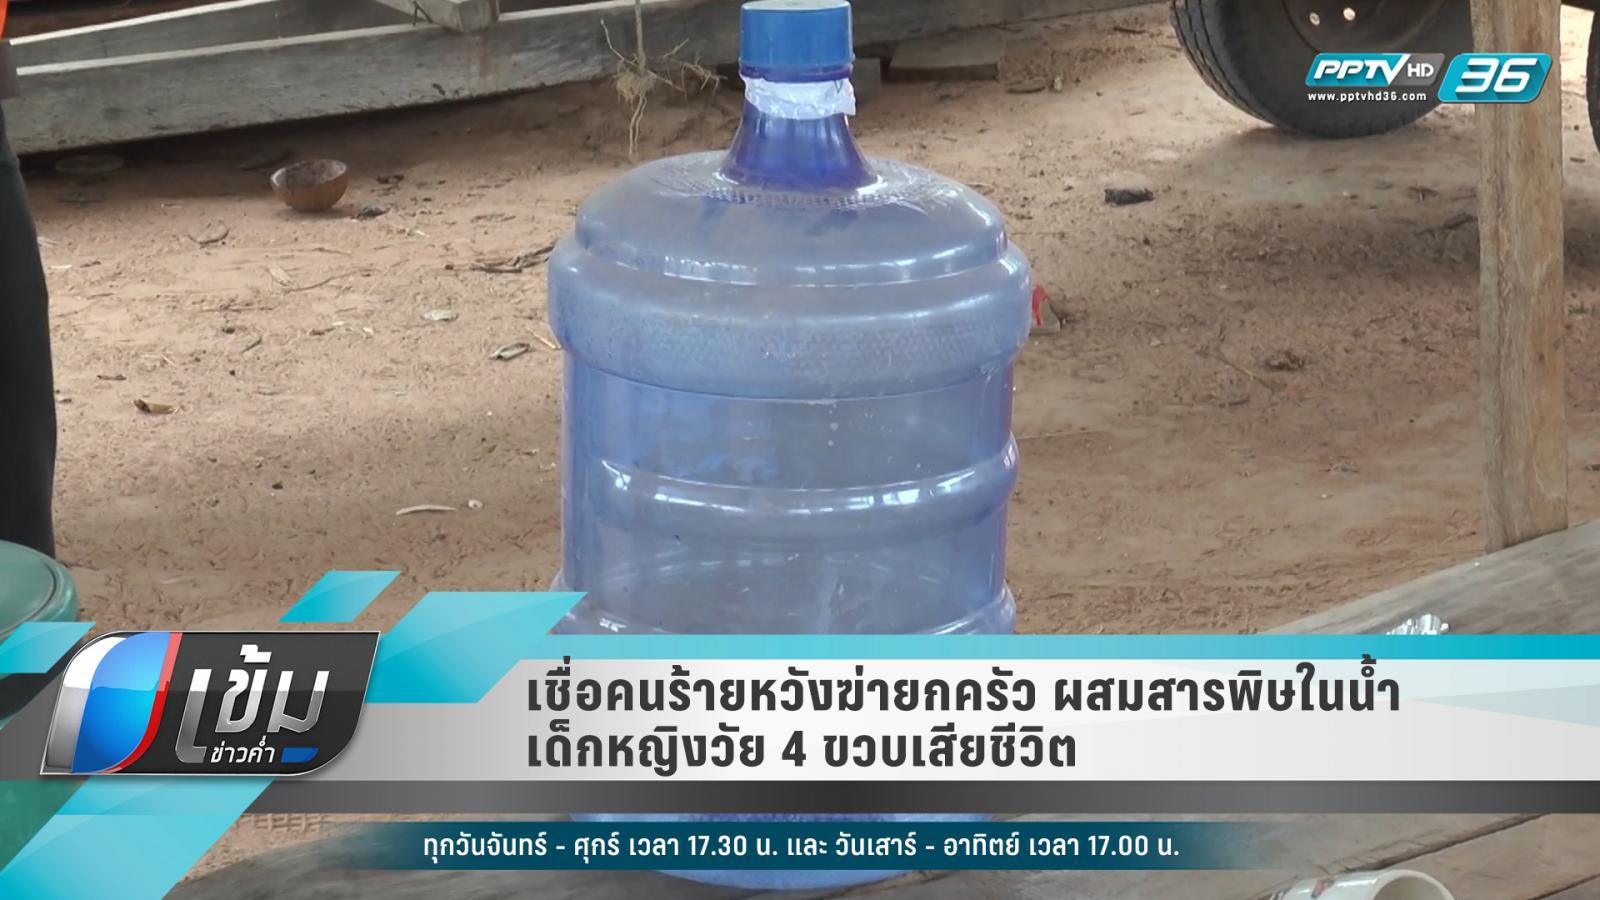 เชื่อคนร้ายหวังฆ่ายกครัว ผสมสารพิษในน้ำ เด็กหญิงวัย 4 ขวบเสียชีวิต